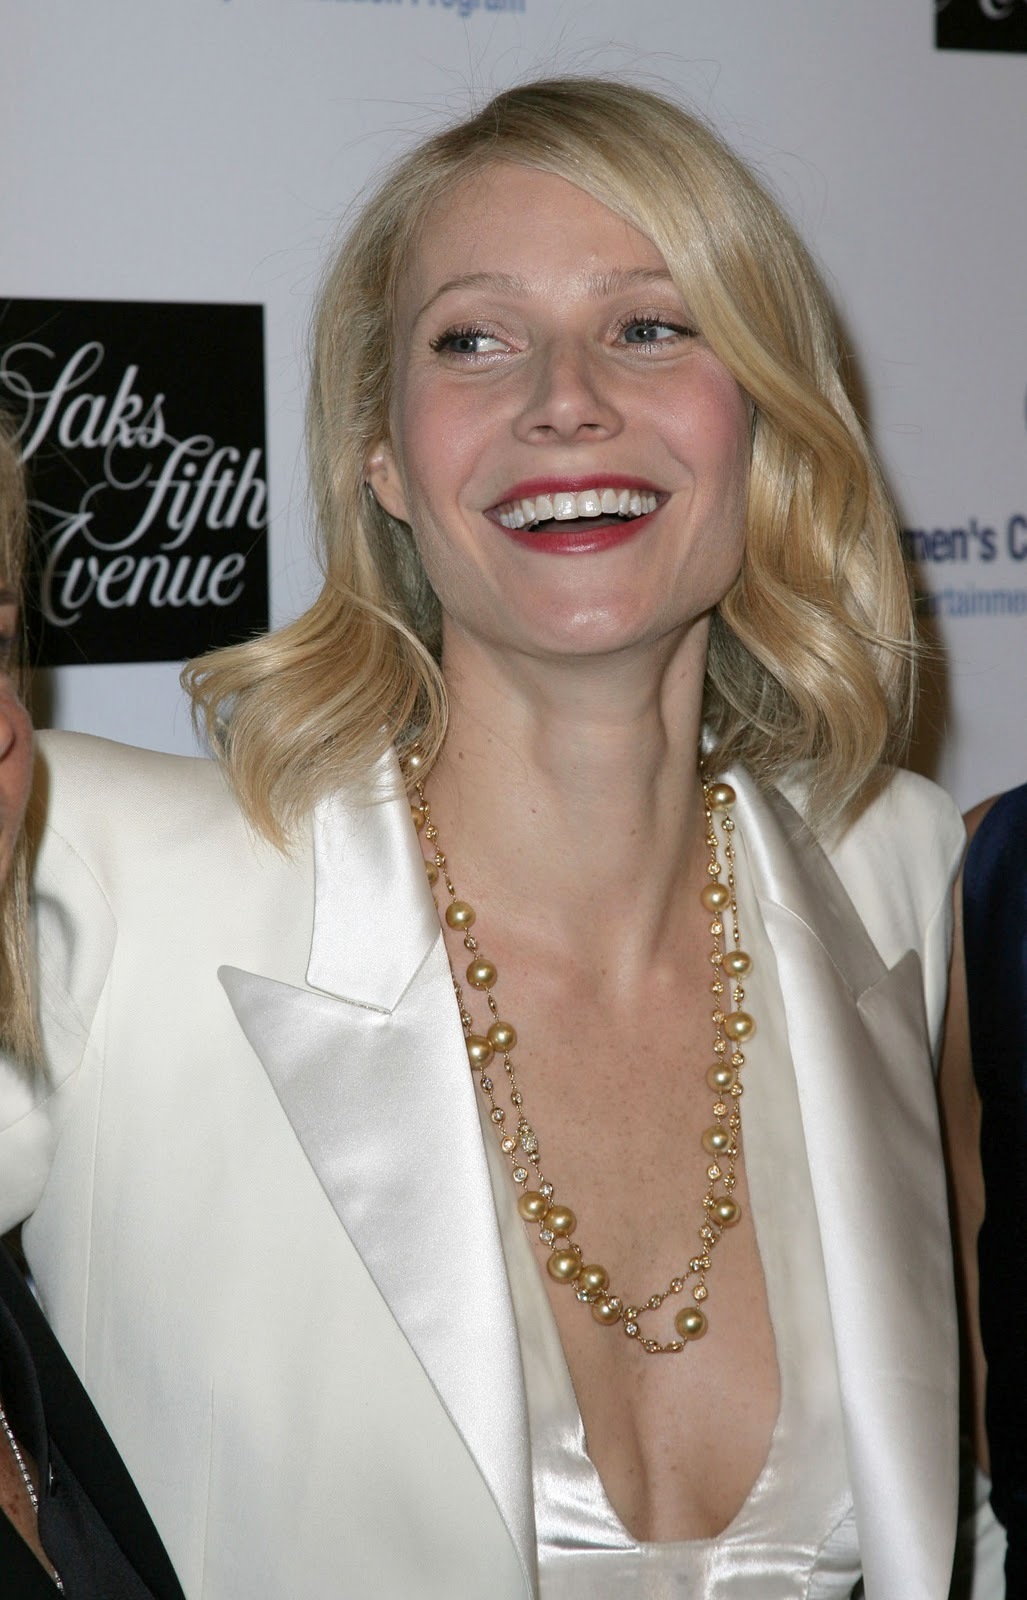 http://4.bp.blogspot.com/-W5KROT8N30c/TZrnakkWyrI/AAAAAAAAARY/2BWy1Cdf5OA/s1600/gwyneth-paltrow.jpg